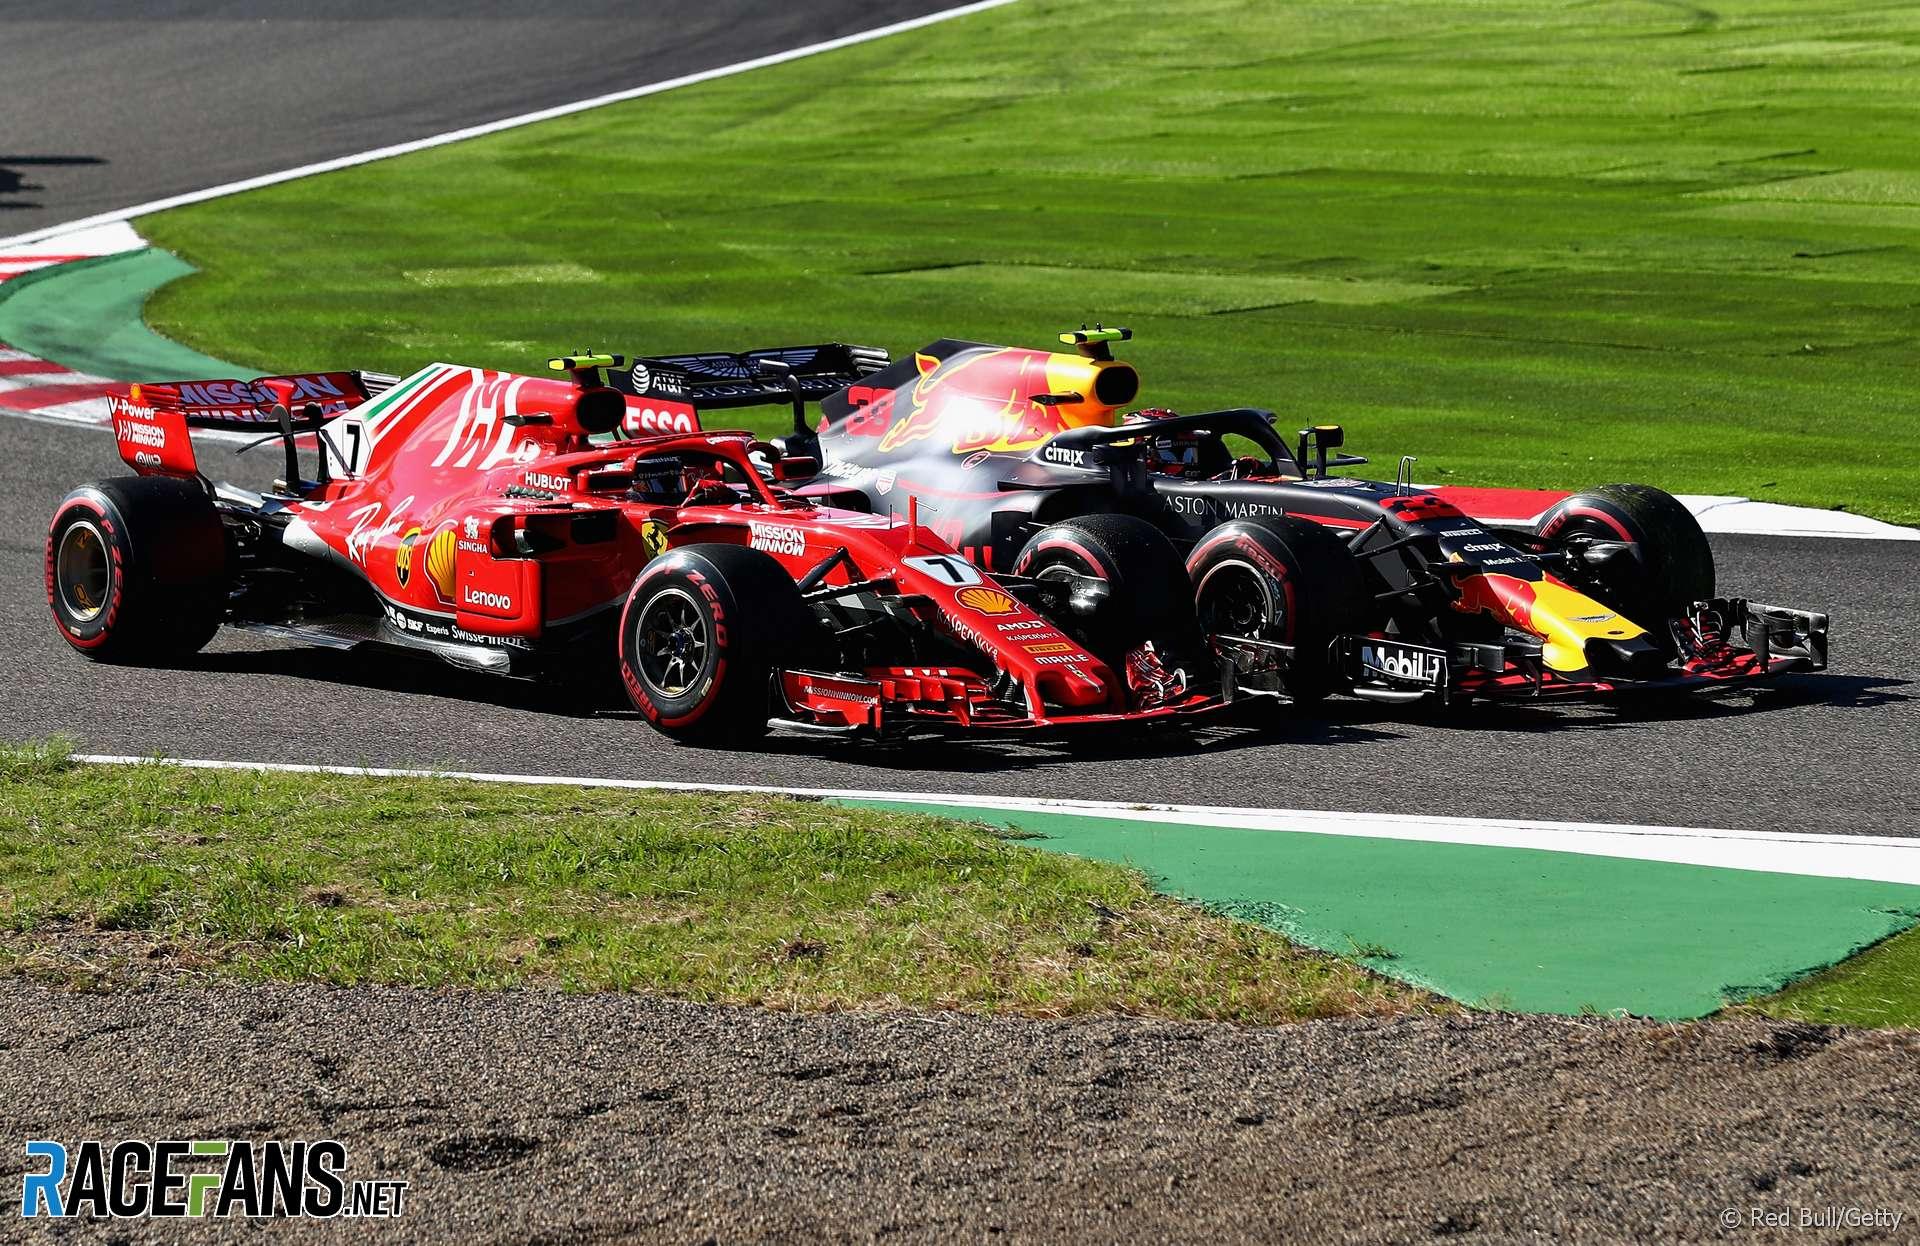 Kimi Raikkonen, Max Verstappen, Suzuka, 2018